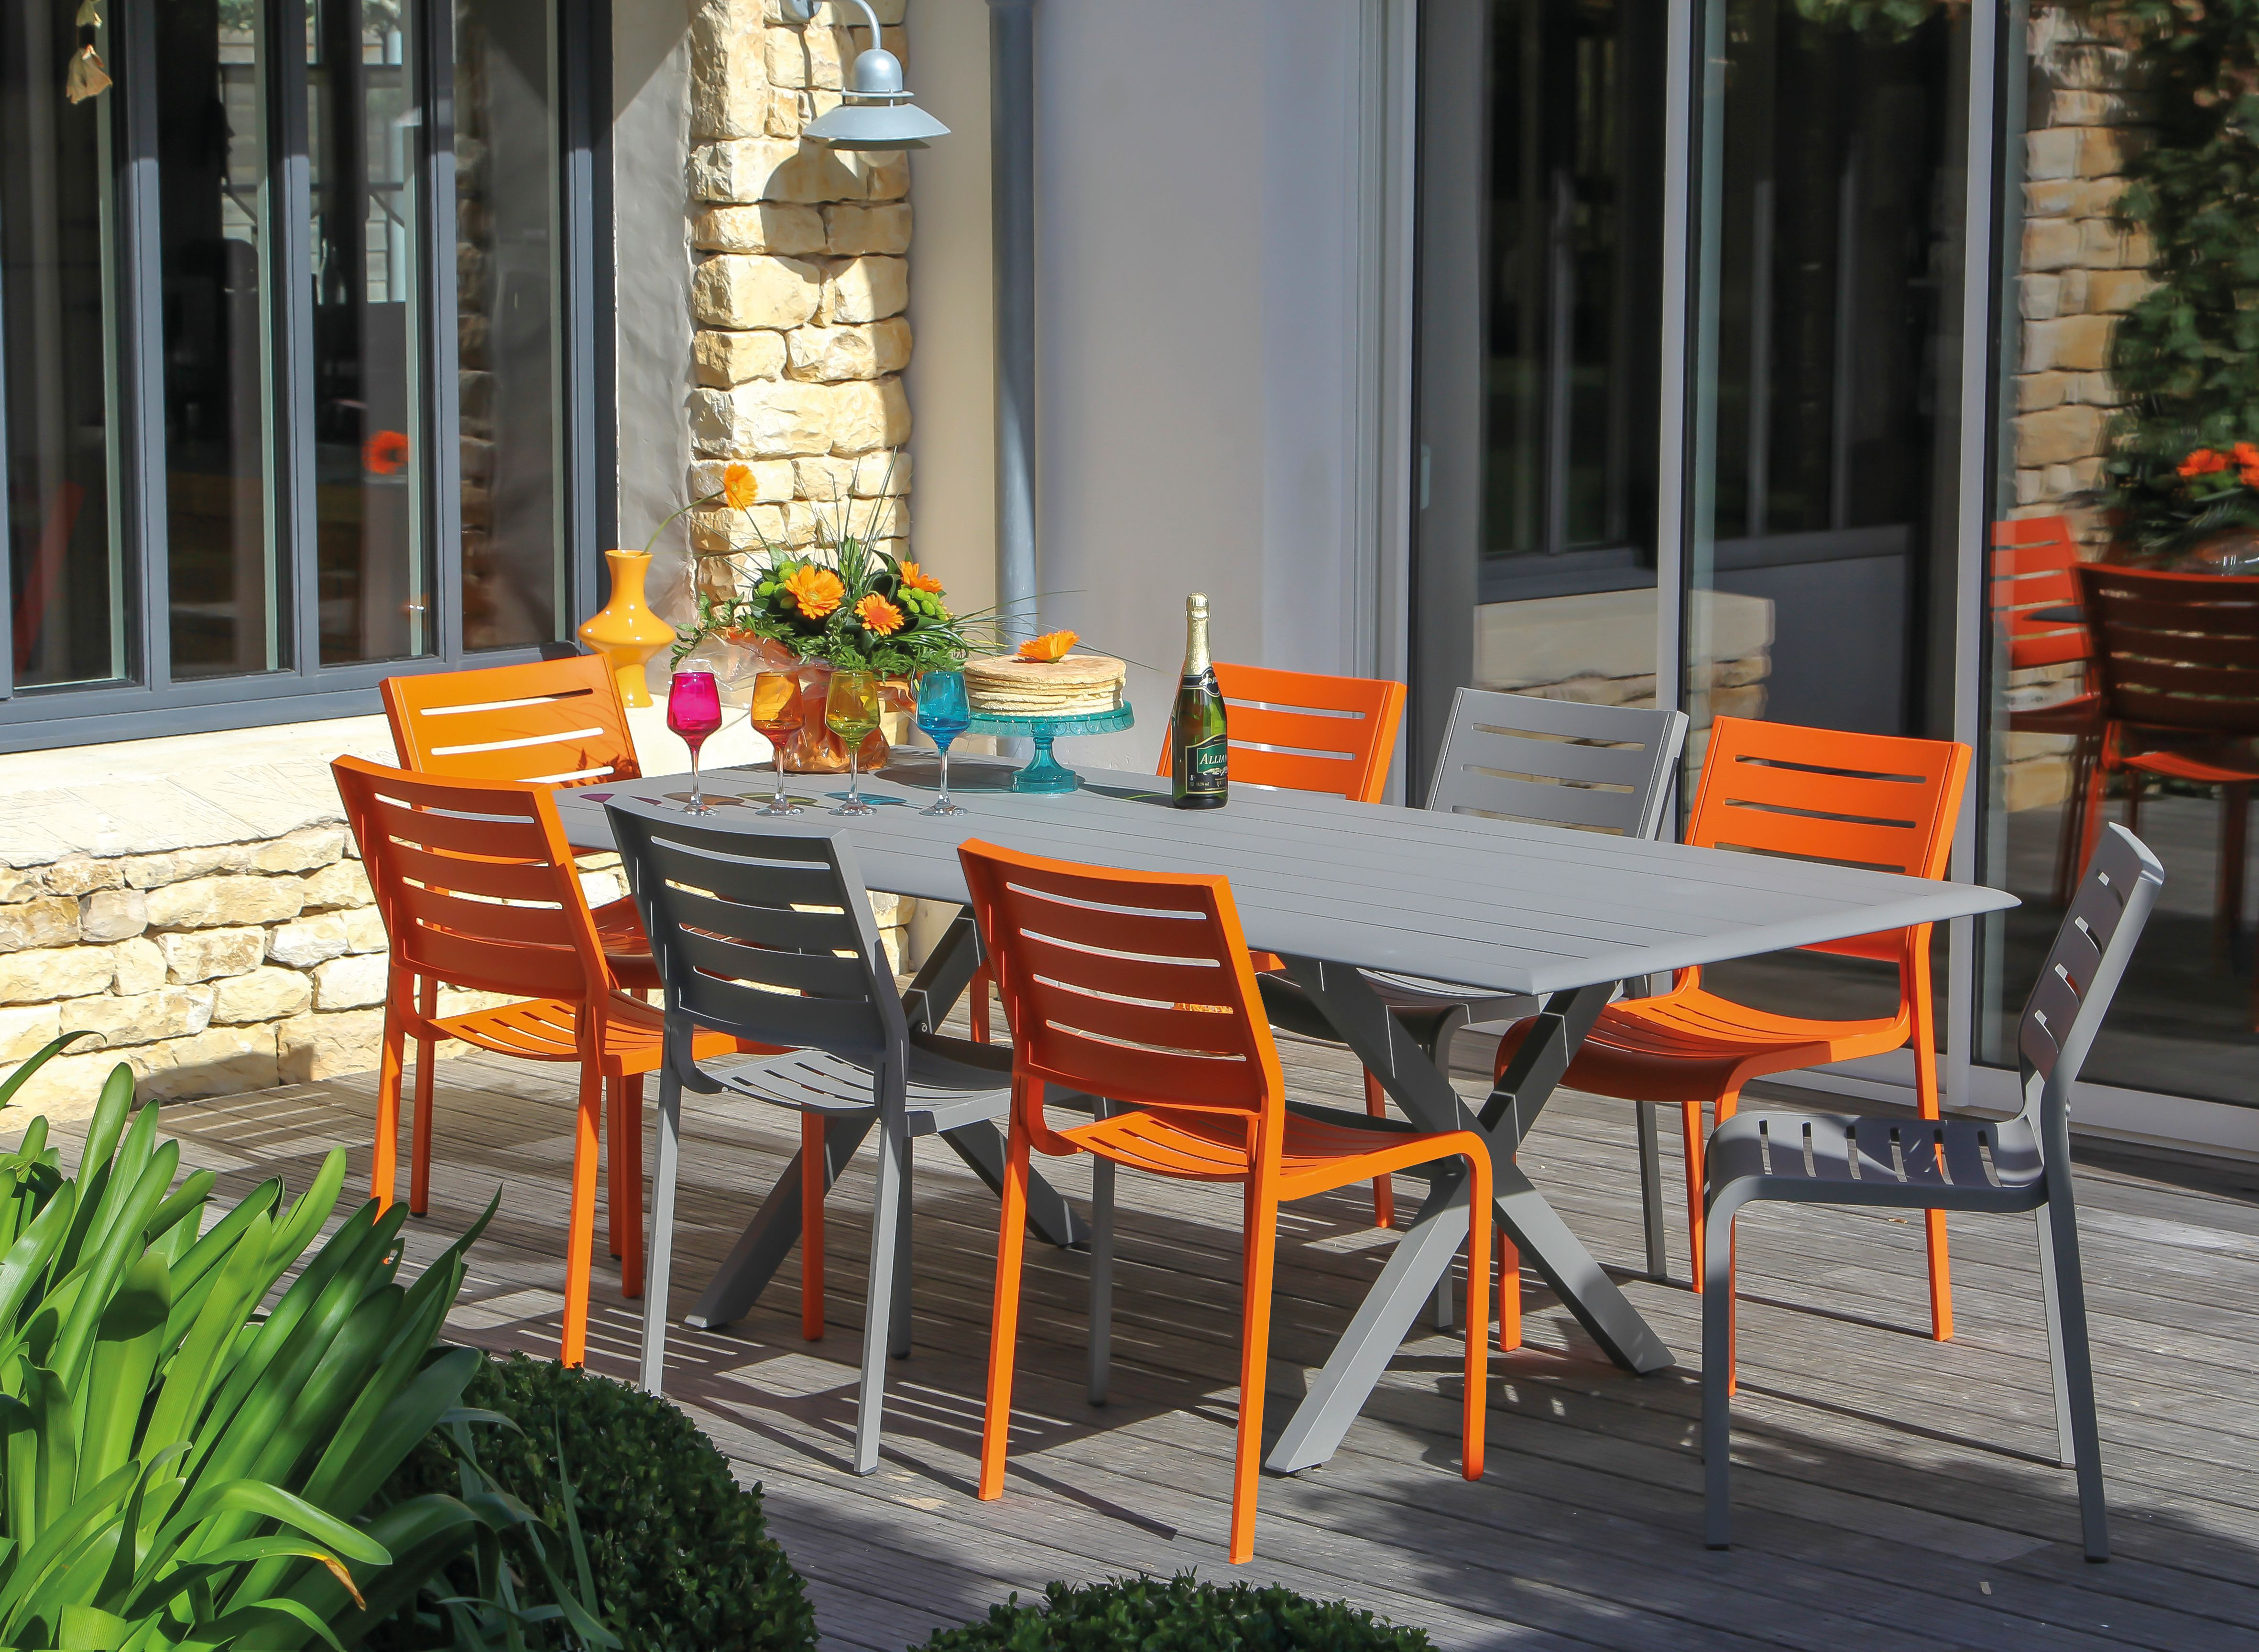 Petit salon de jardin couleur - Mailleraye.fr jardin